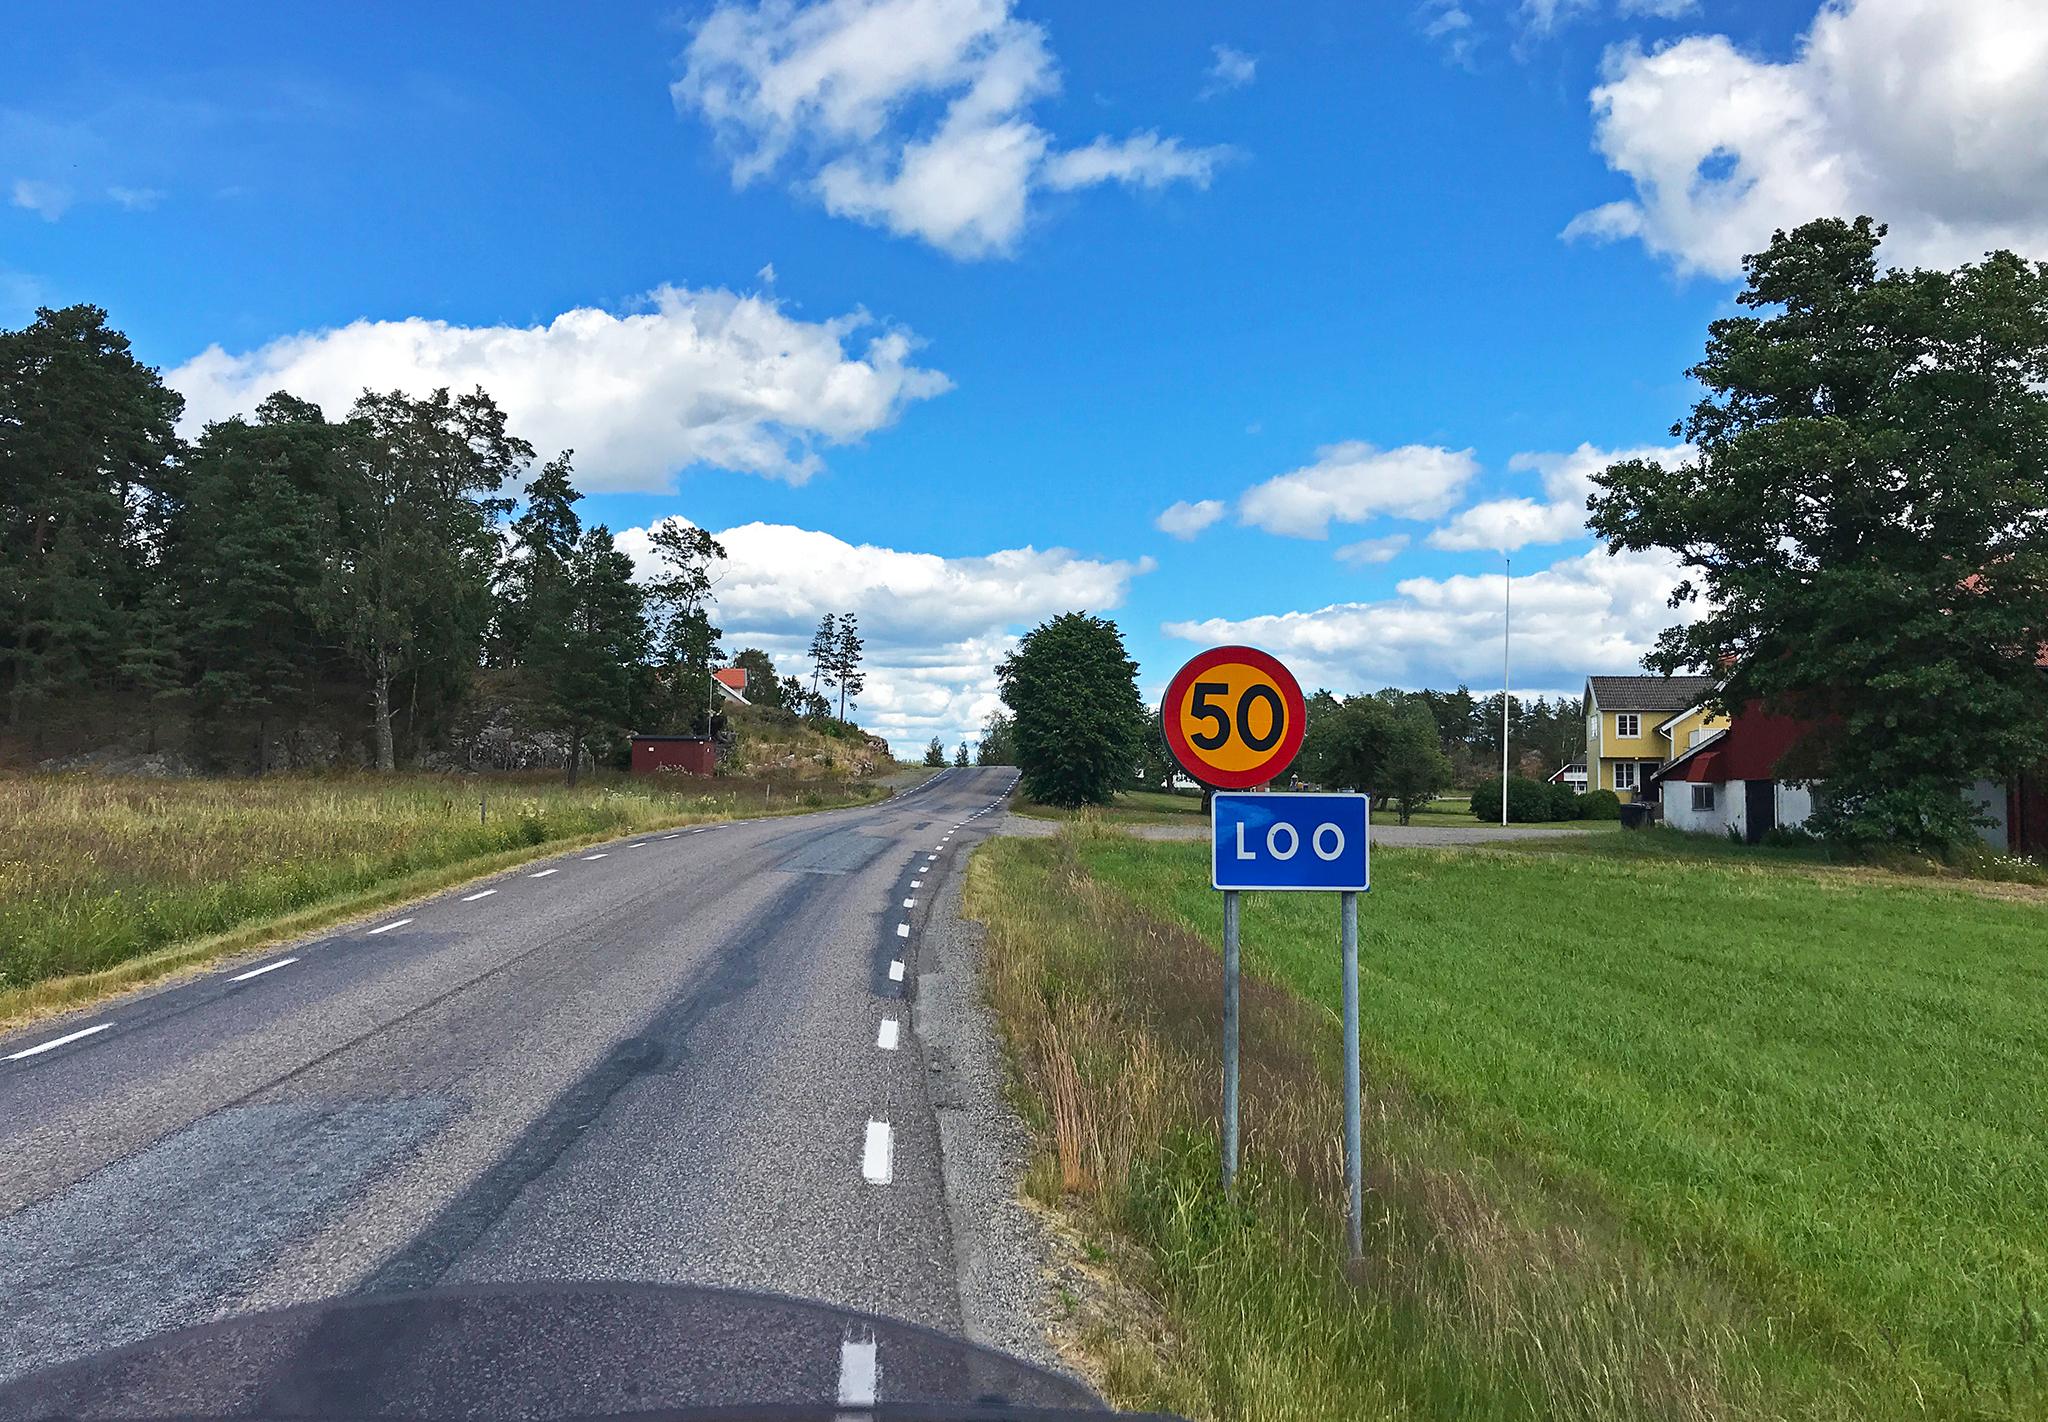 In Sweden early July 2019